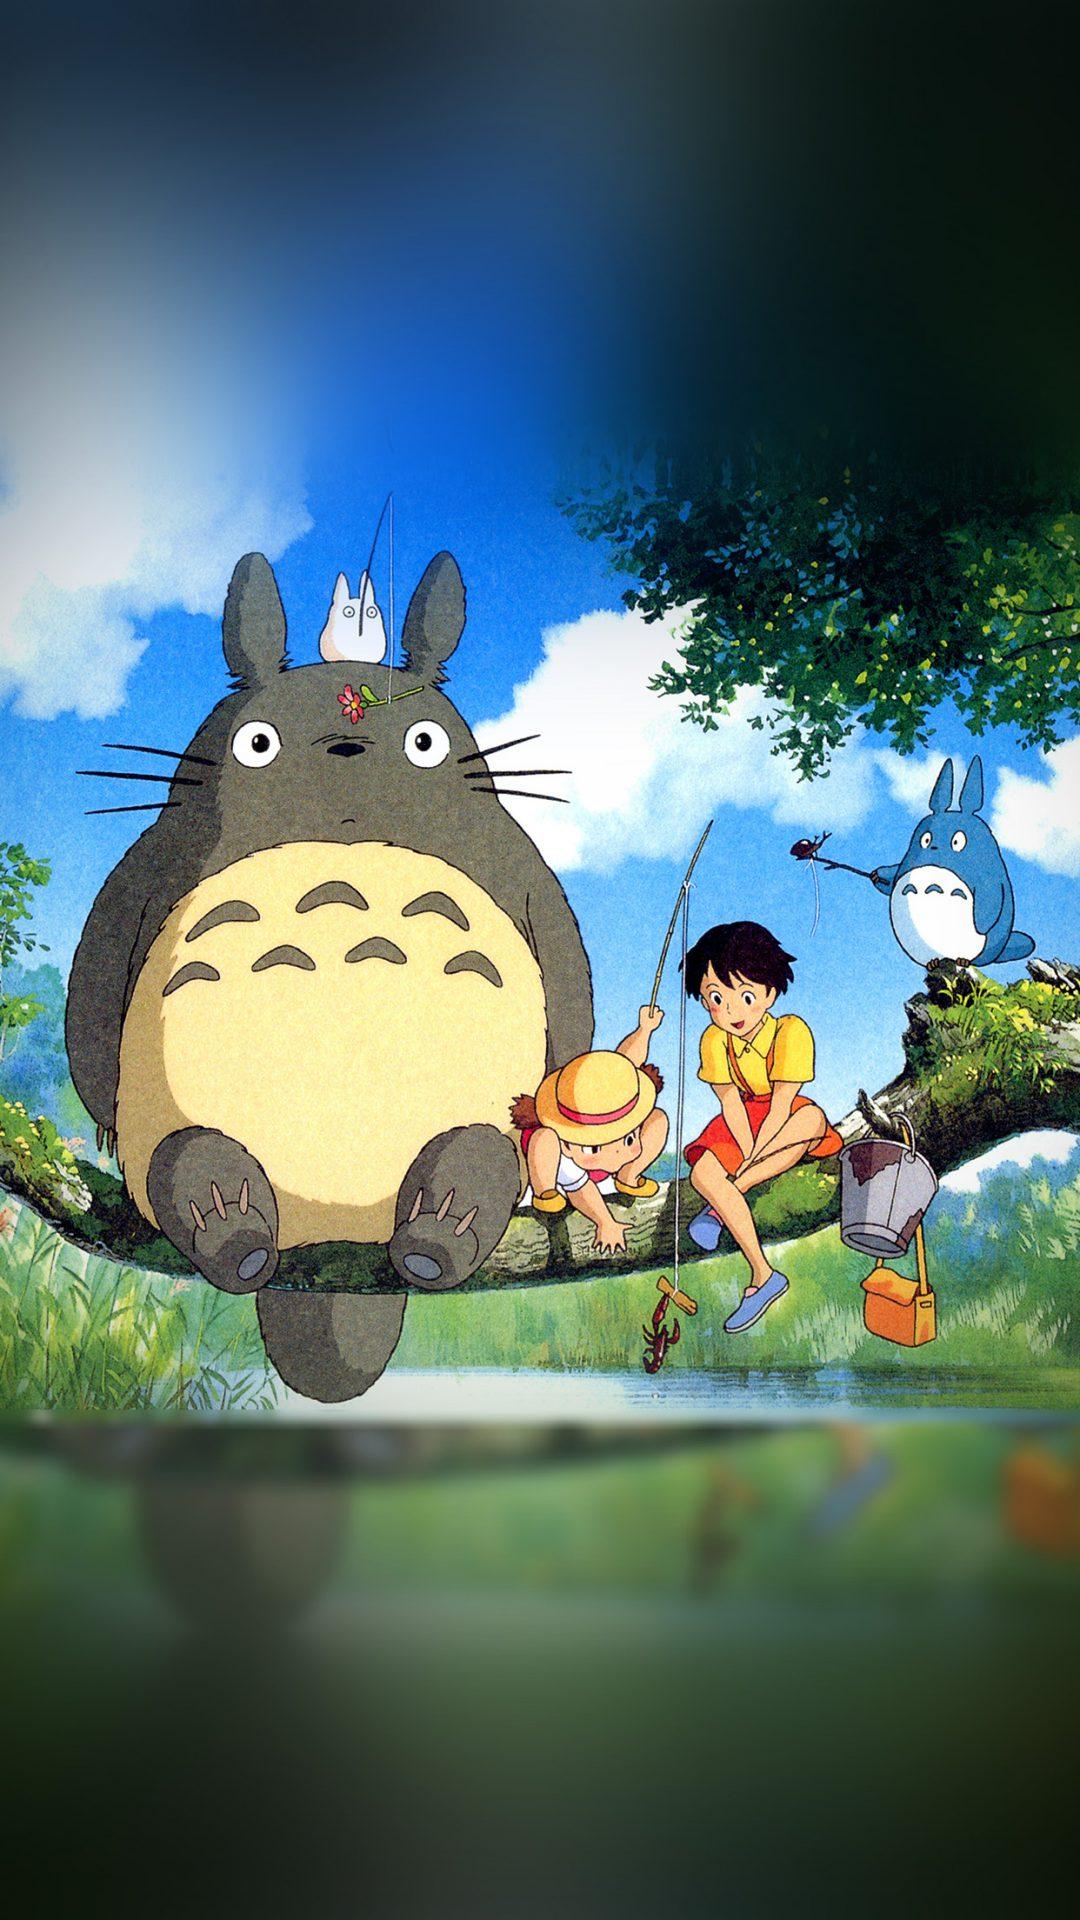 My Neighbor Totoro Anime Art Illustration